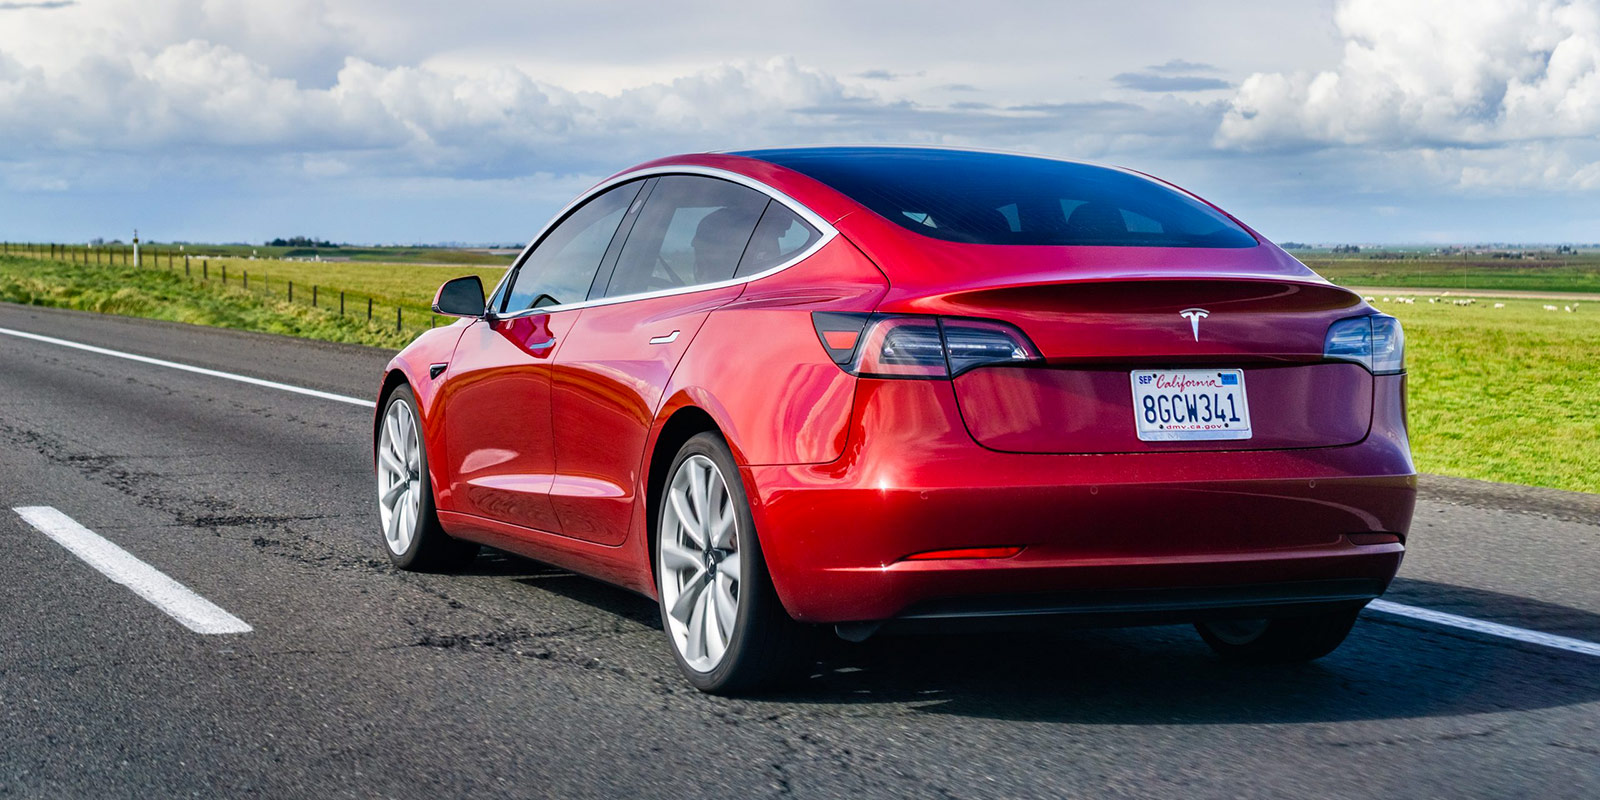 Průměrná škoda při havárii elektromobilu je o 40 % vyšší. Zdraží proto povinné ručení všem?